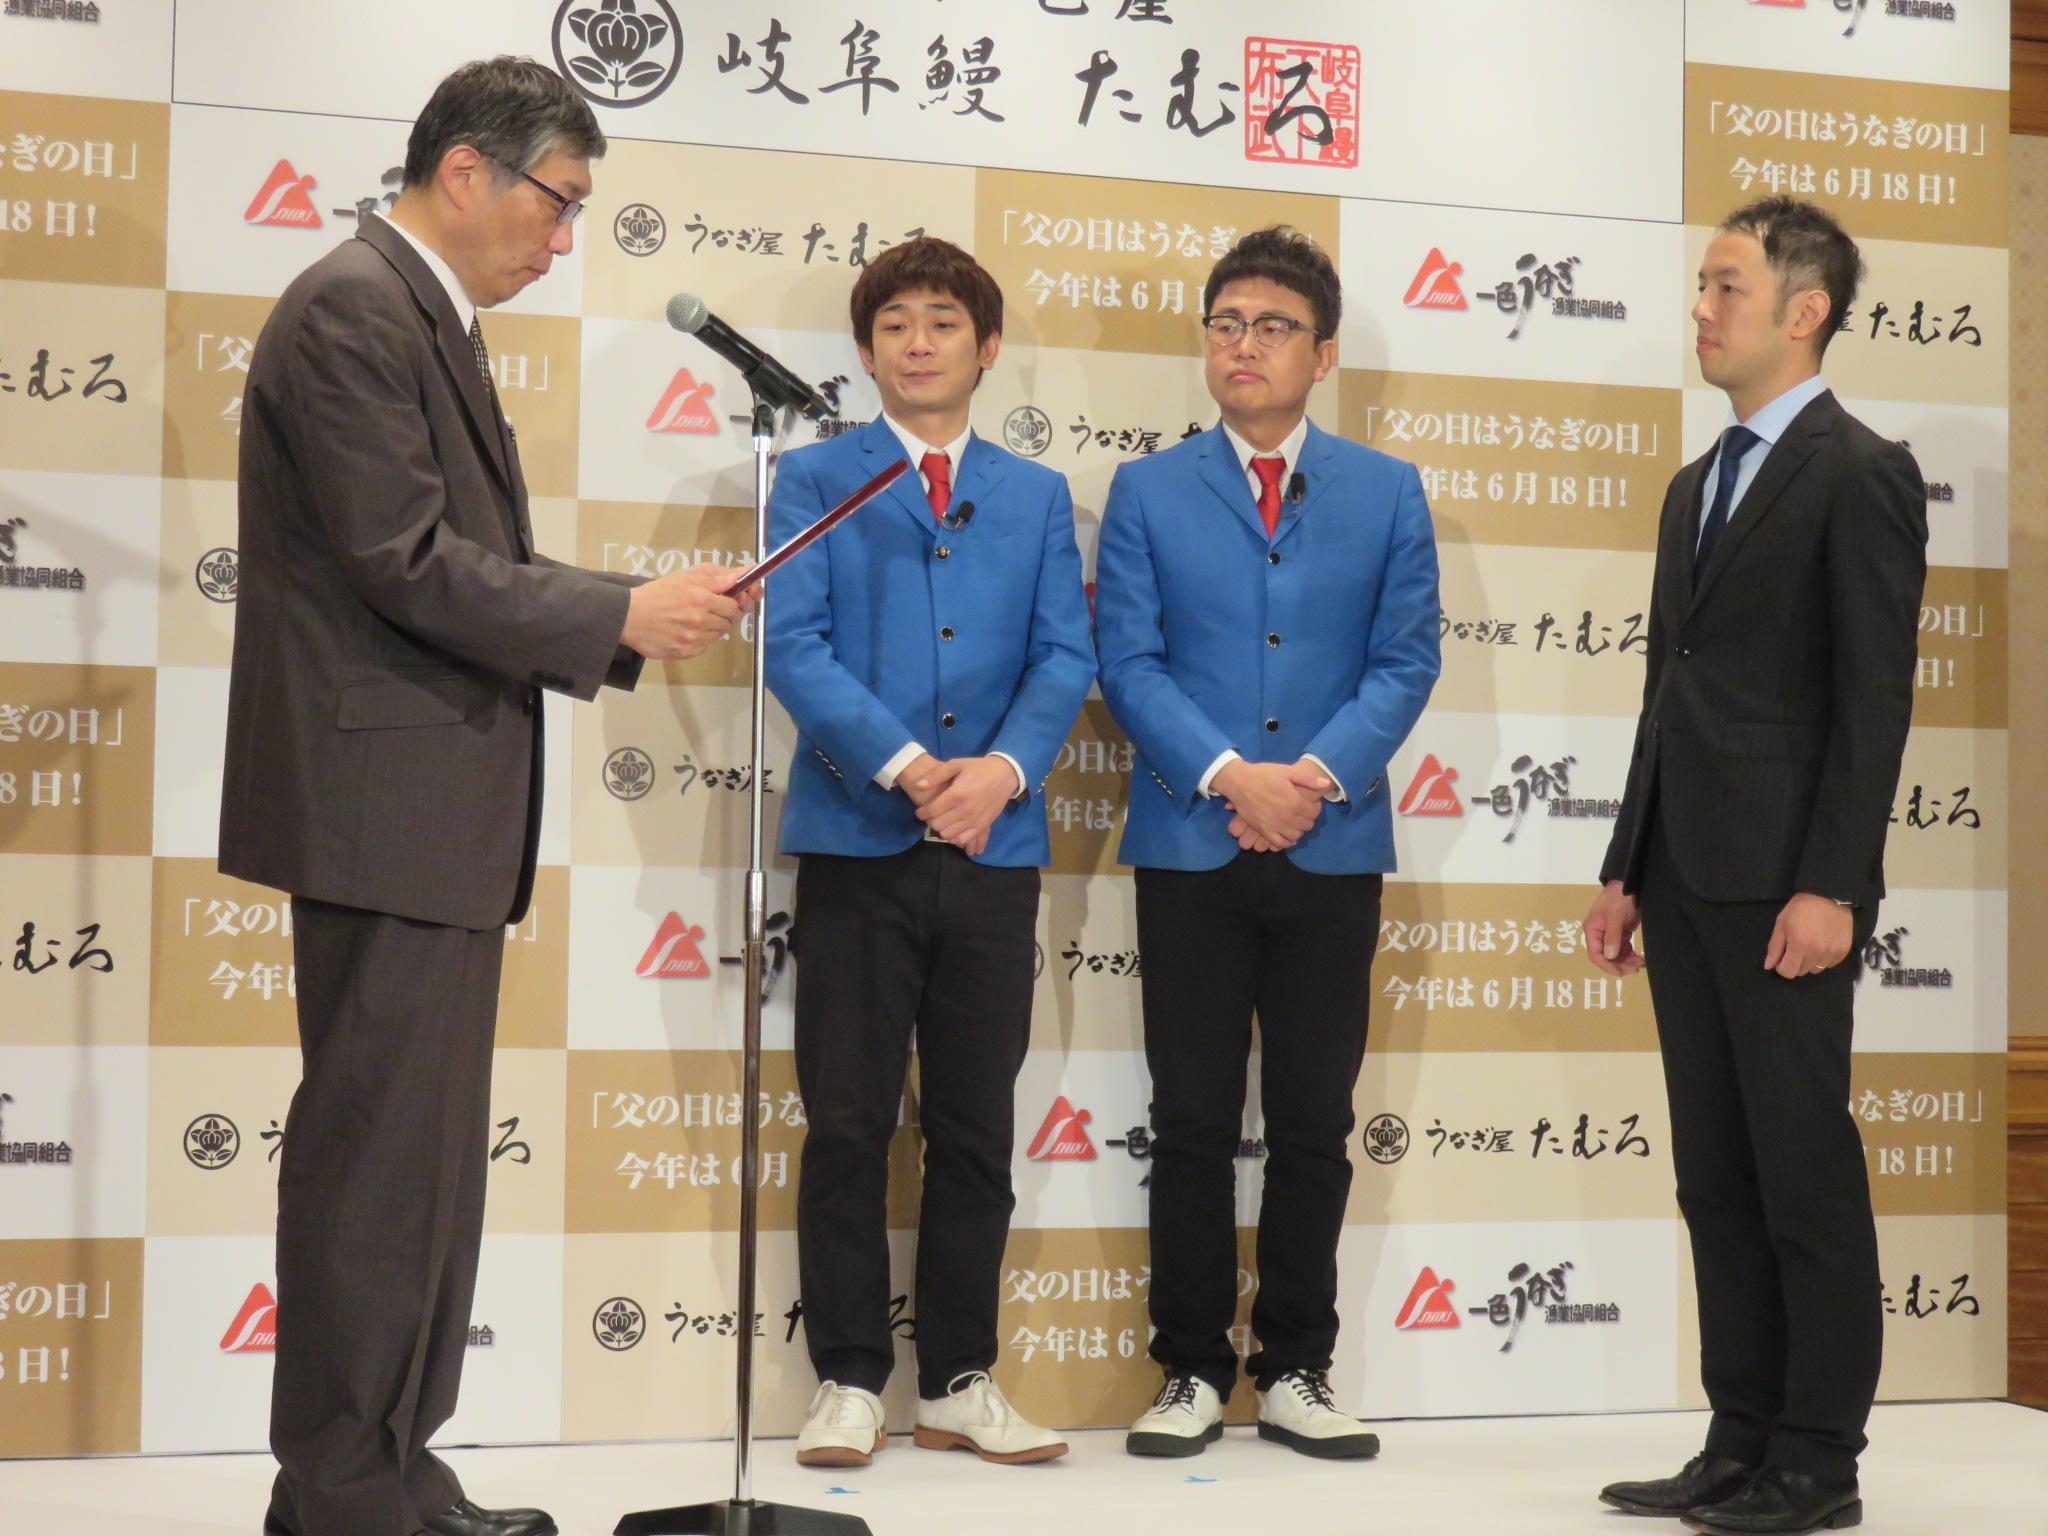 http://news.yoshimoto.co.jp/20170531162633-a15dfcd3708c16498102e2e742b8fd43c7cdb04f.jpg